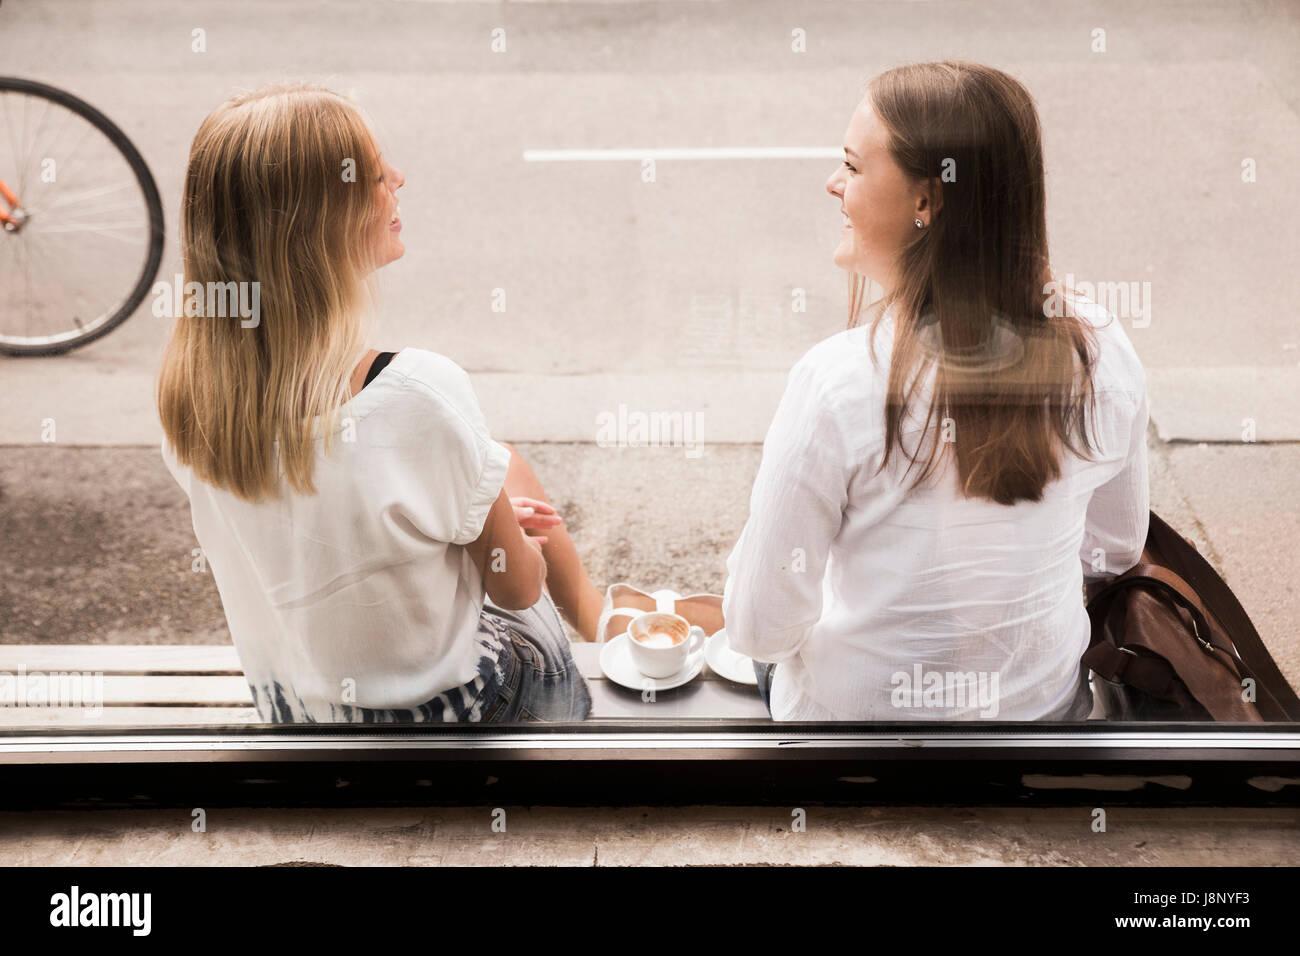 Junge Frauen reden außerhalb café Stockfoto